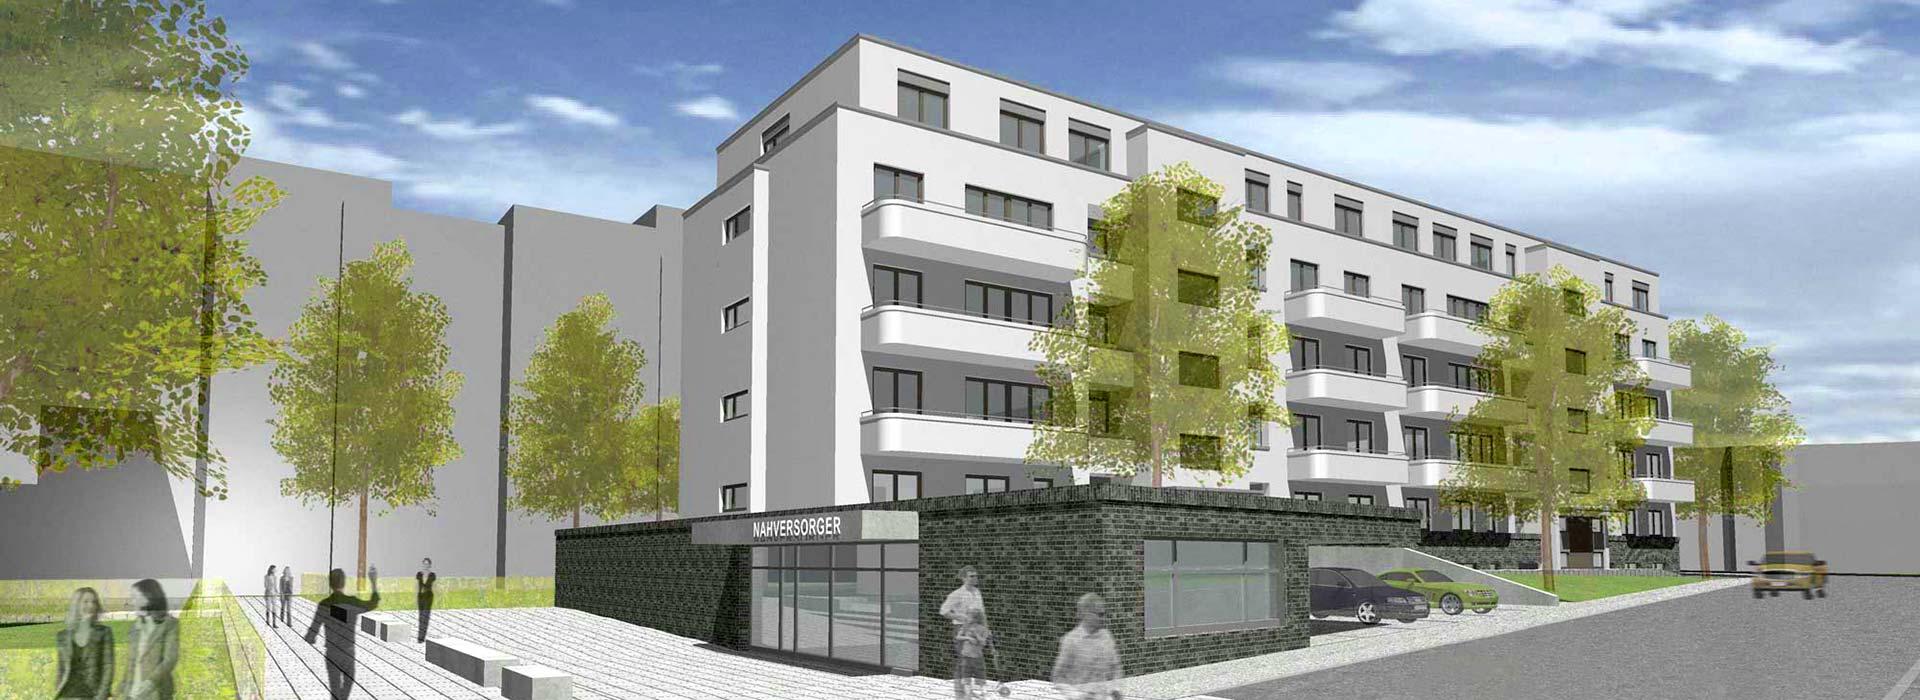 Steinbach – Konzept Mehrfamilienwohnhaus – Gerstner Kaluza Architektur Frankfurt